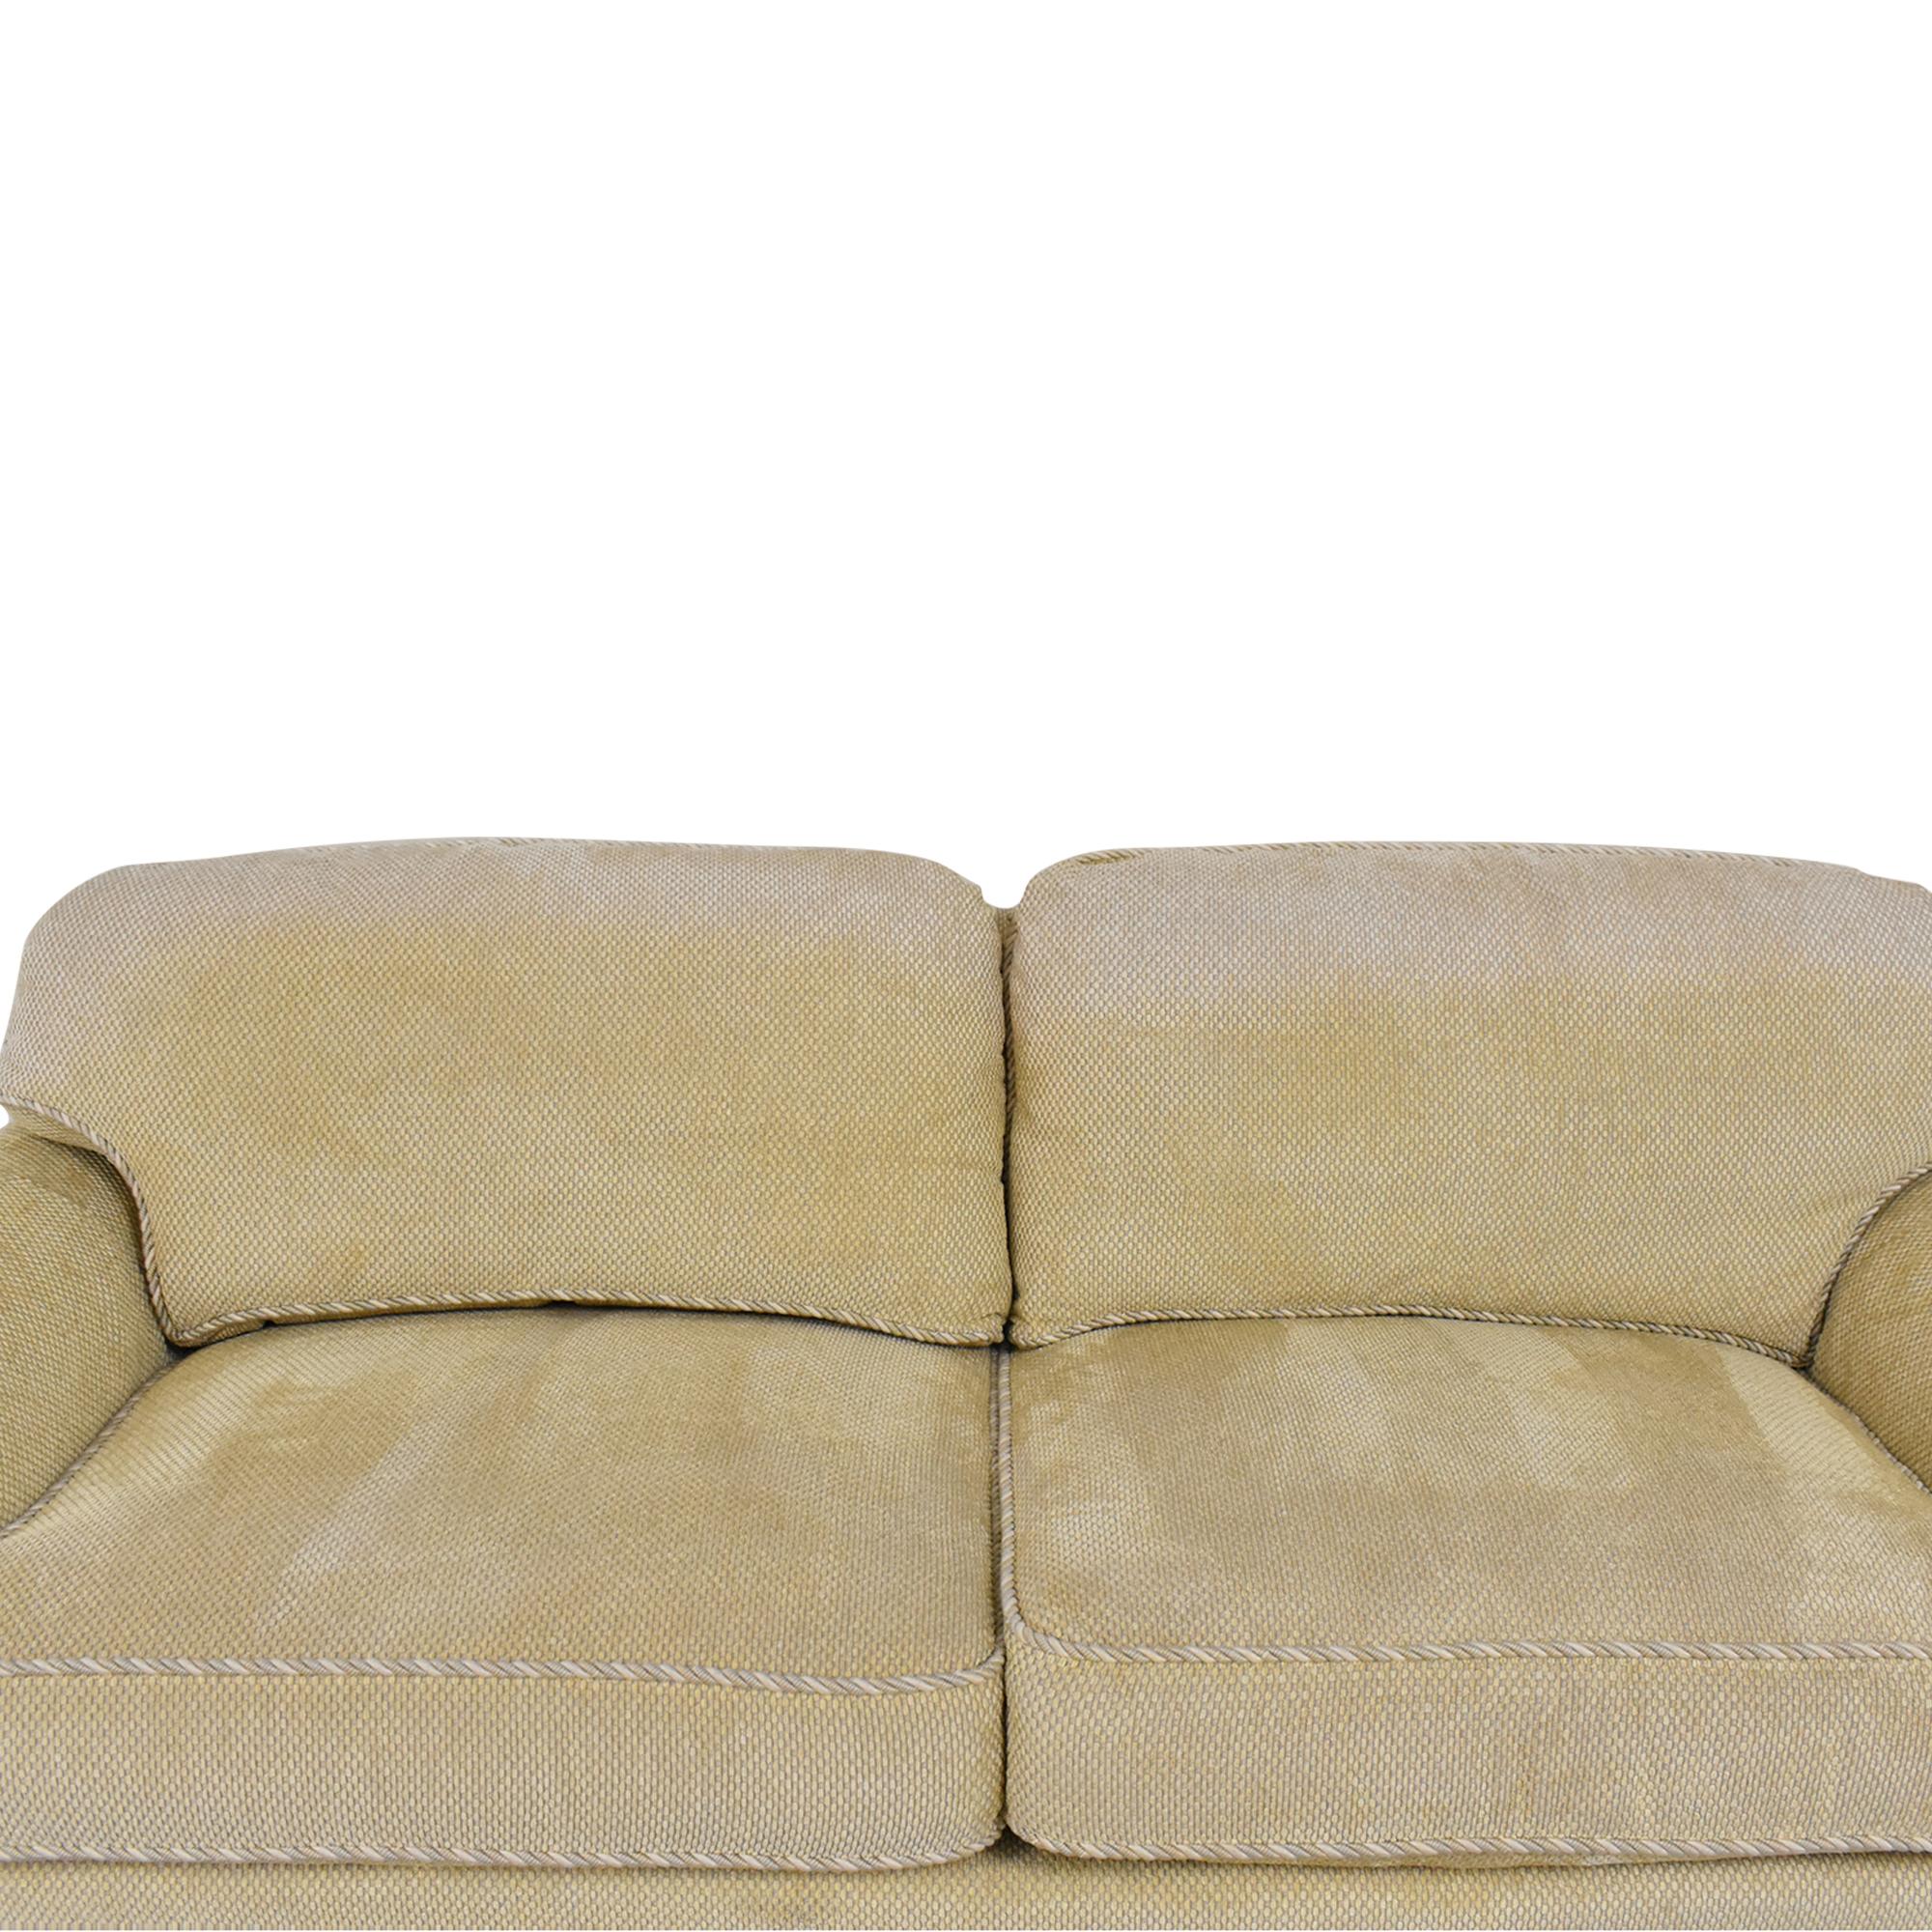 Kravet Kravet Fringe Sofa Classic Sofas